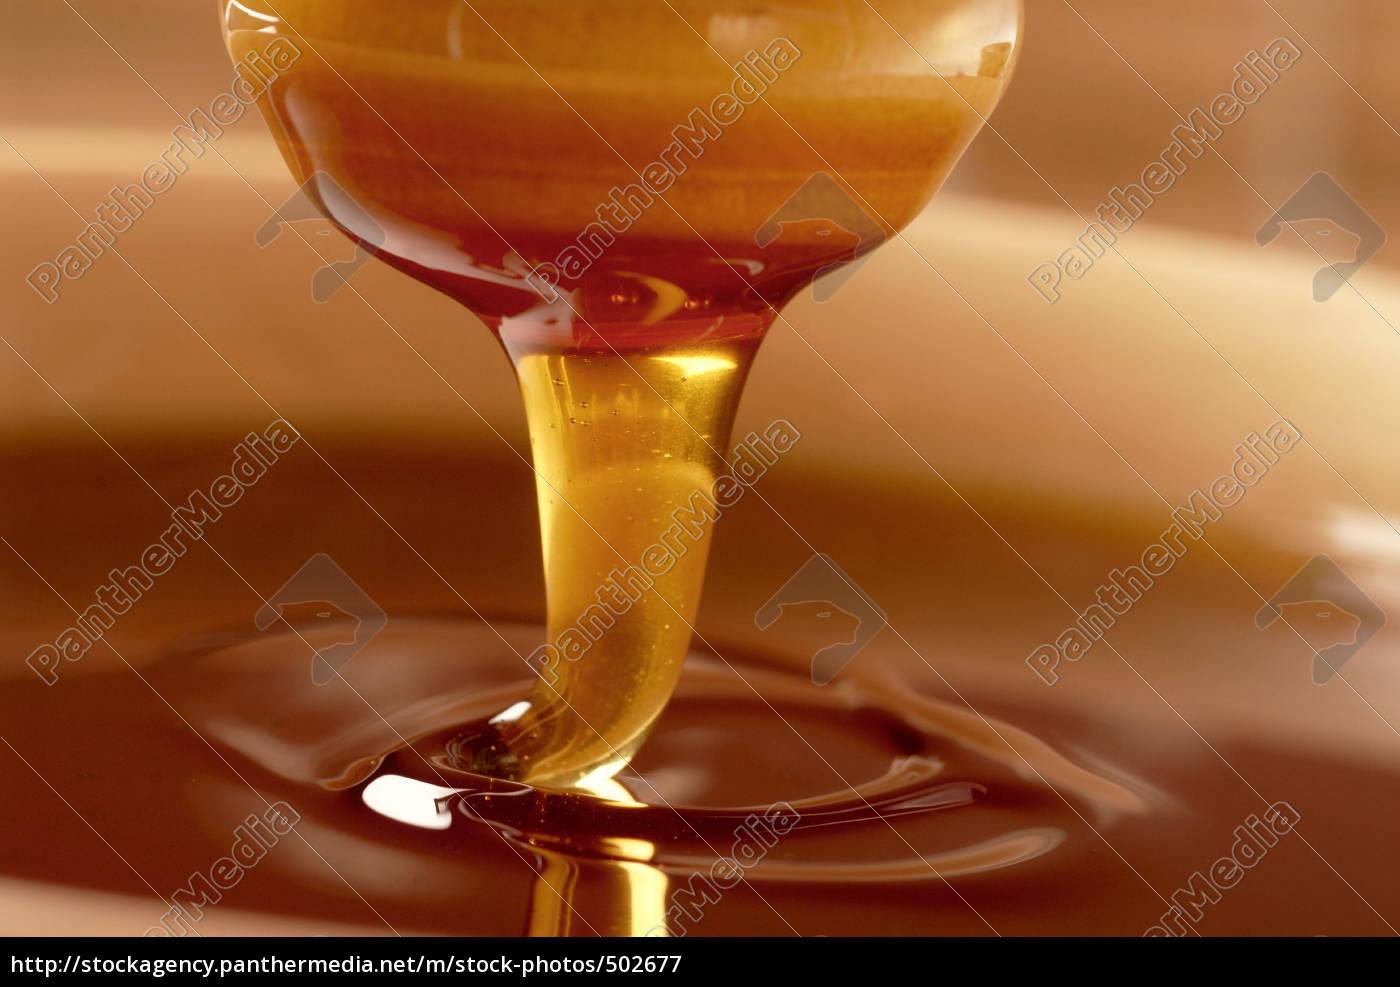 honey - 502677